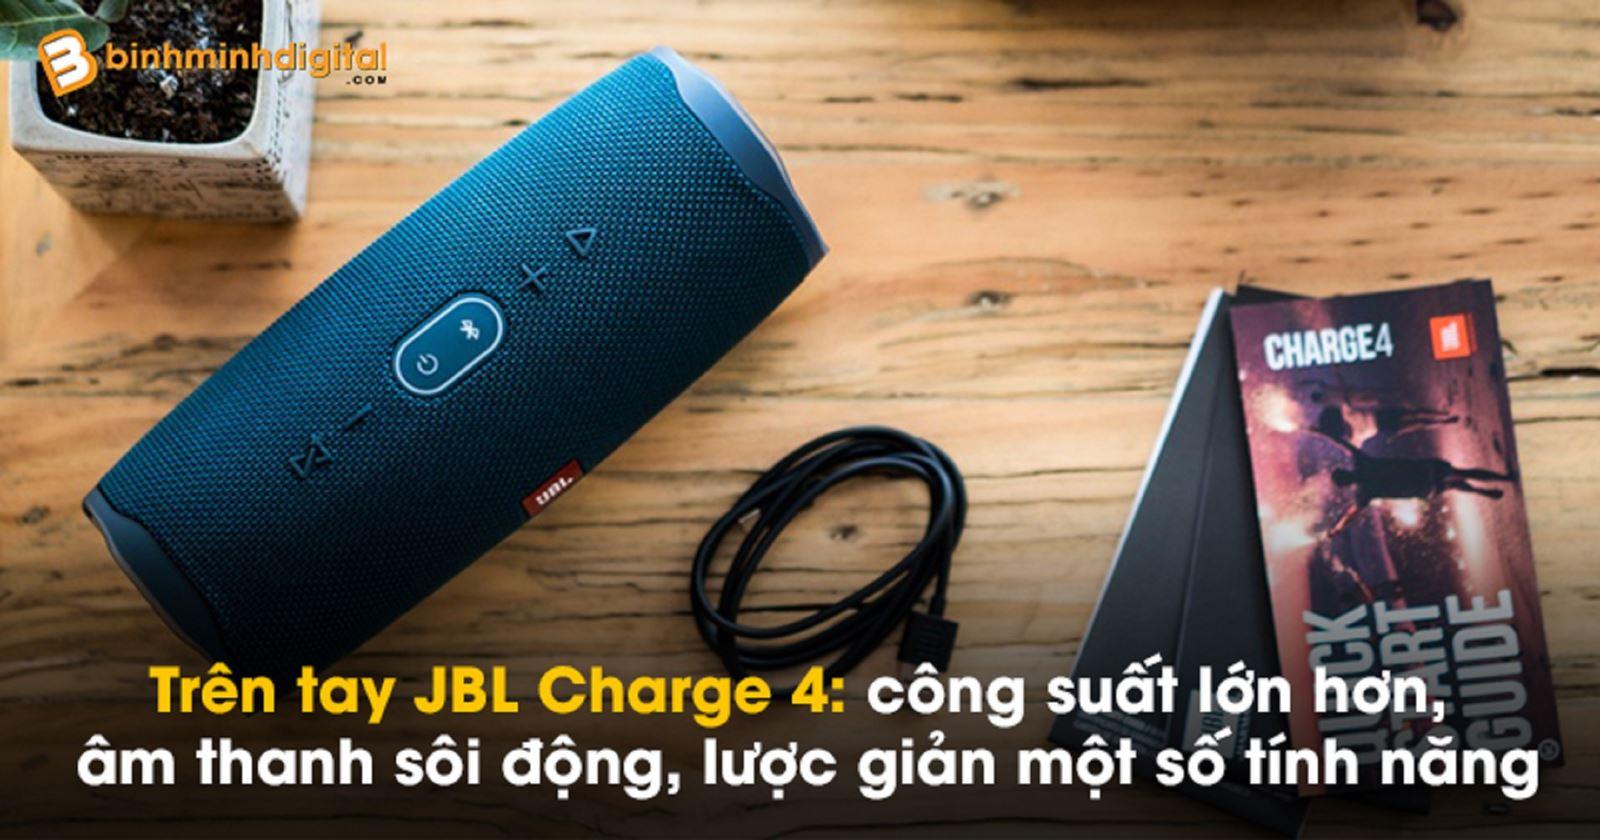 Trên tay JBL Charge 4:công suất lớn hơn, âm thanh sôi động, lược giản một số tính năng